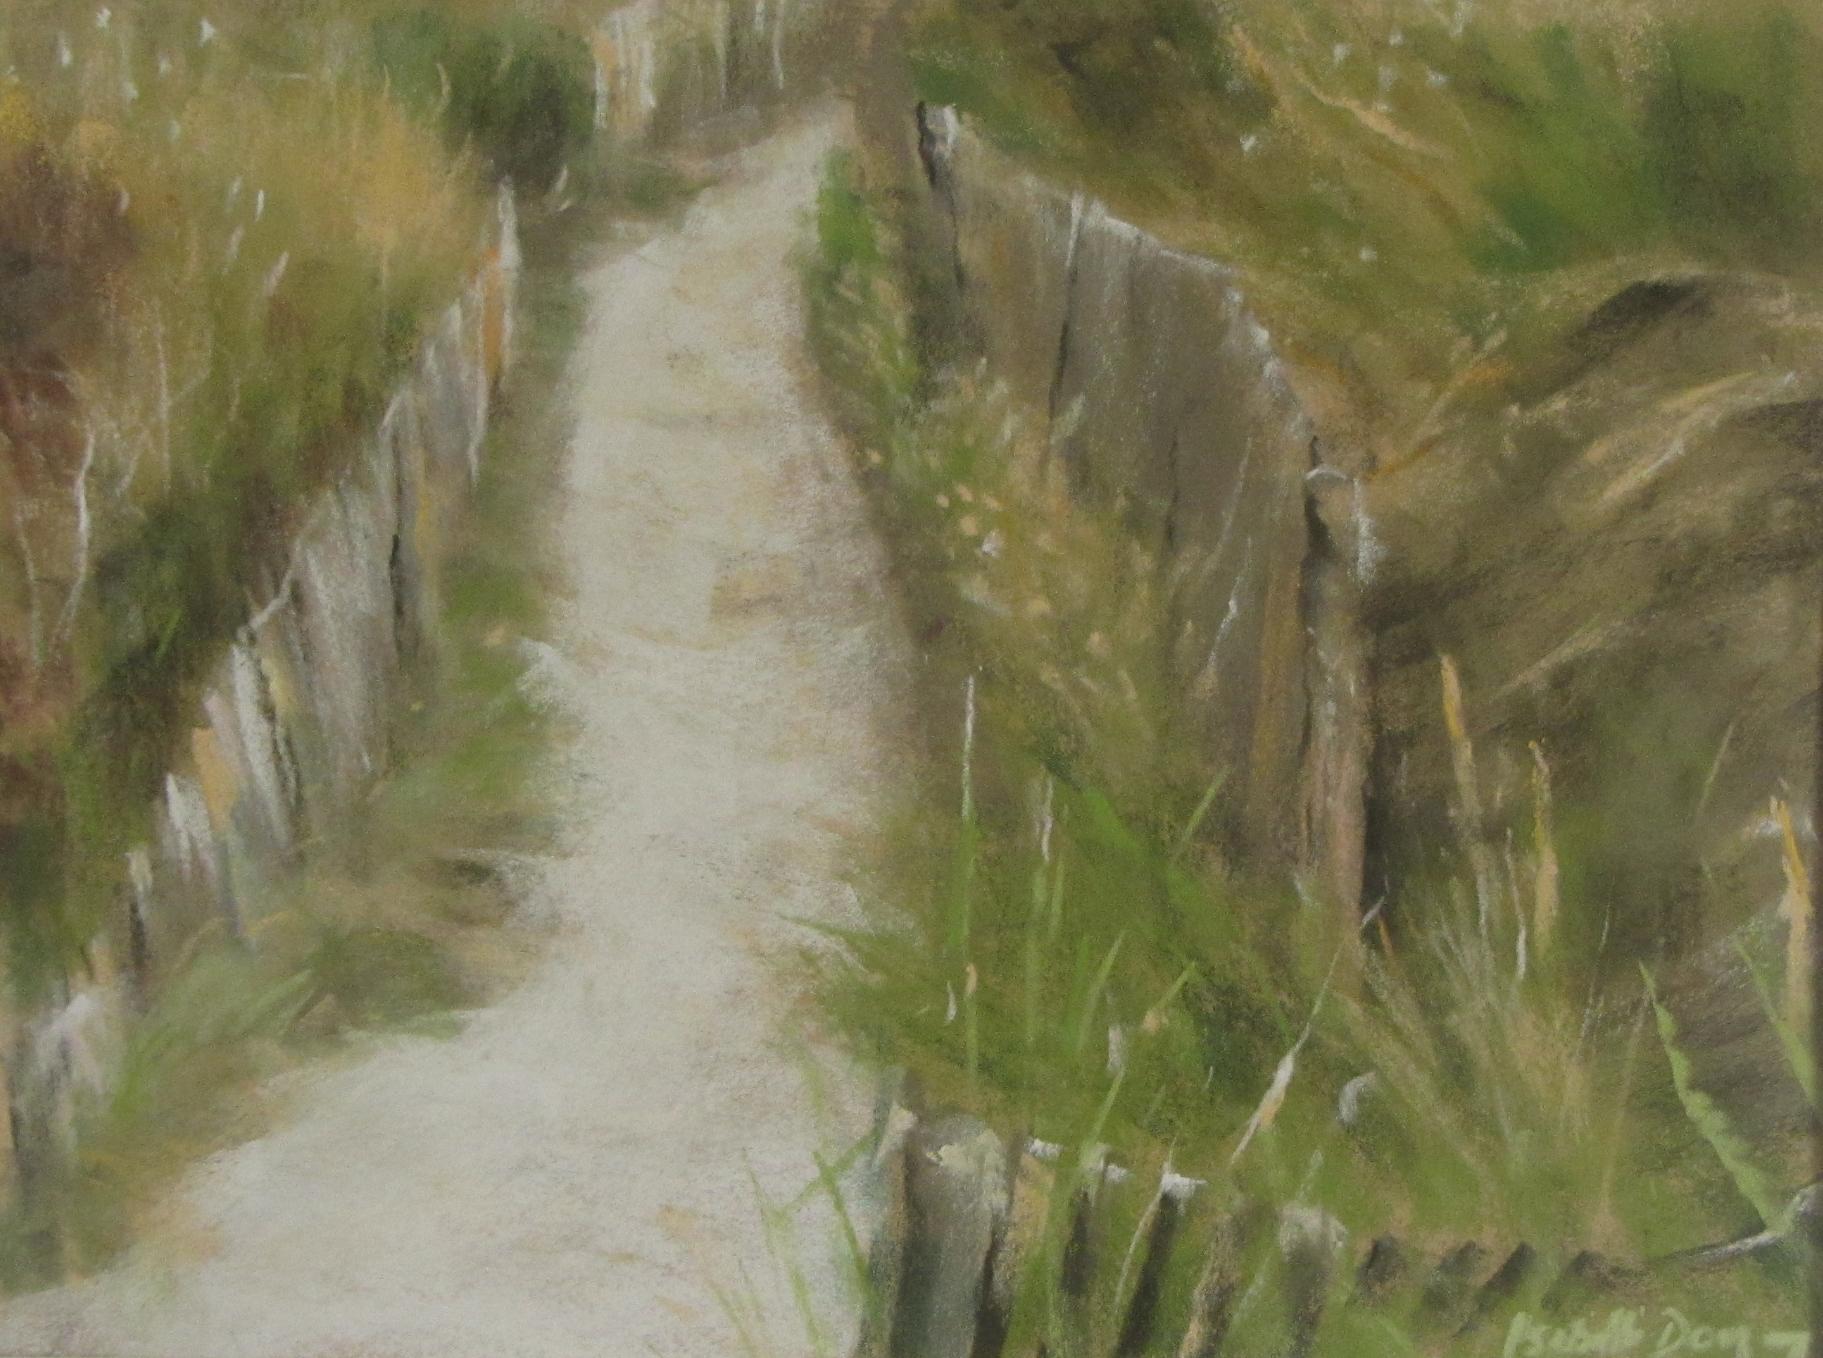 Descente à la plage - Peinture au pastel sec par Isabelle Douzamy - 40x50cm